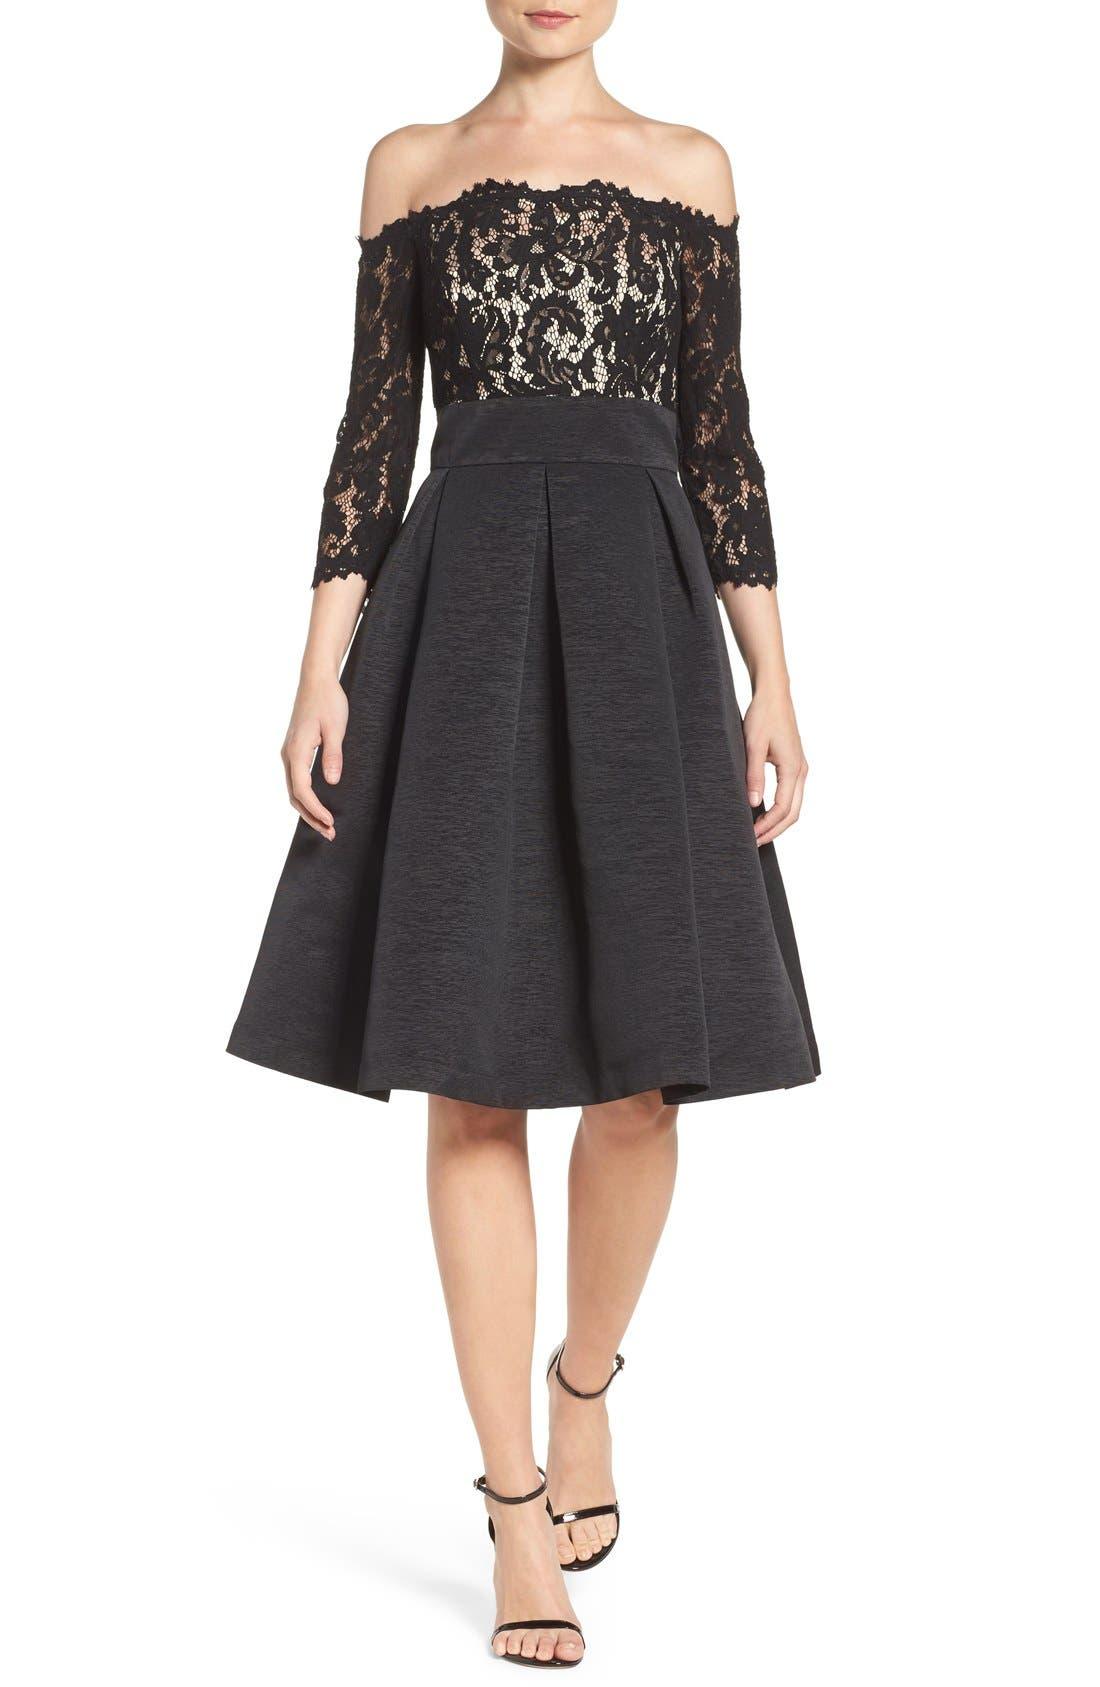 Alternate Image 1 Selected - Eliza J Off the Shoulder A-Line Dress (Regular & Petite)